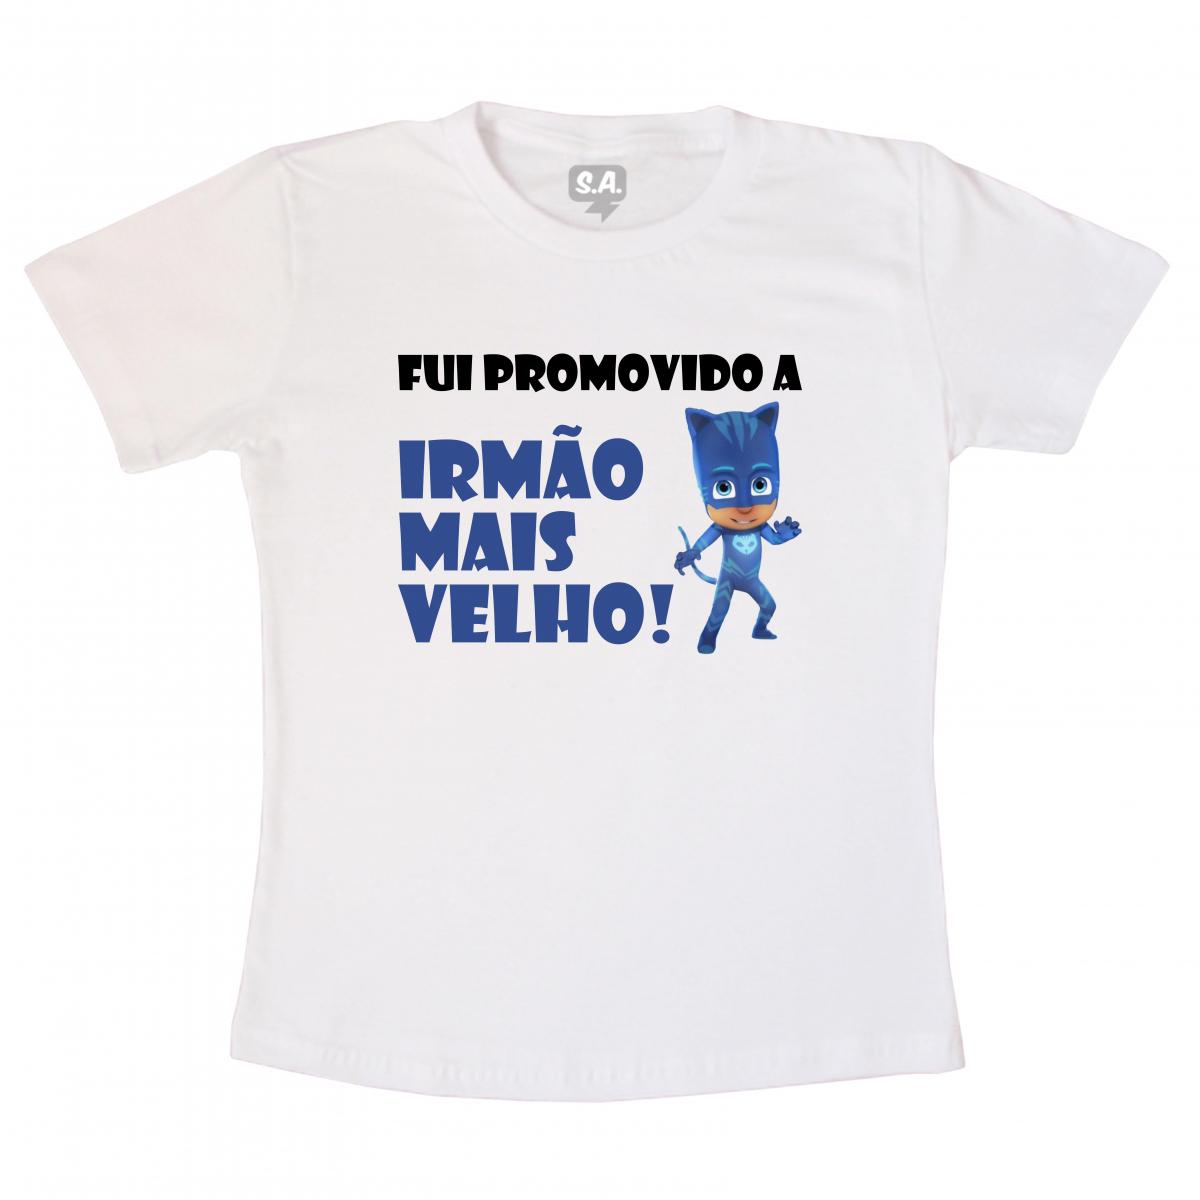 266551771f2b Camiseta Infantil Fui Promovido a Irmão Mais Velho na Camiseteria S.A.